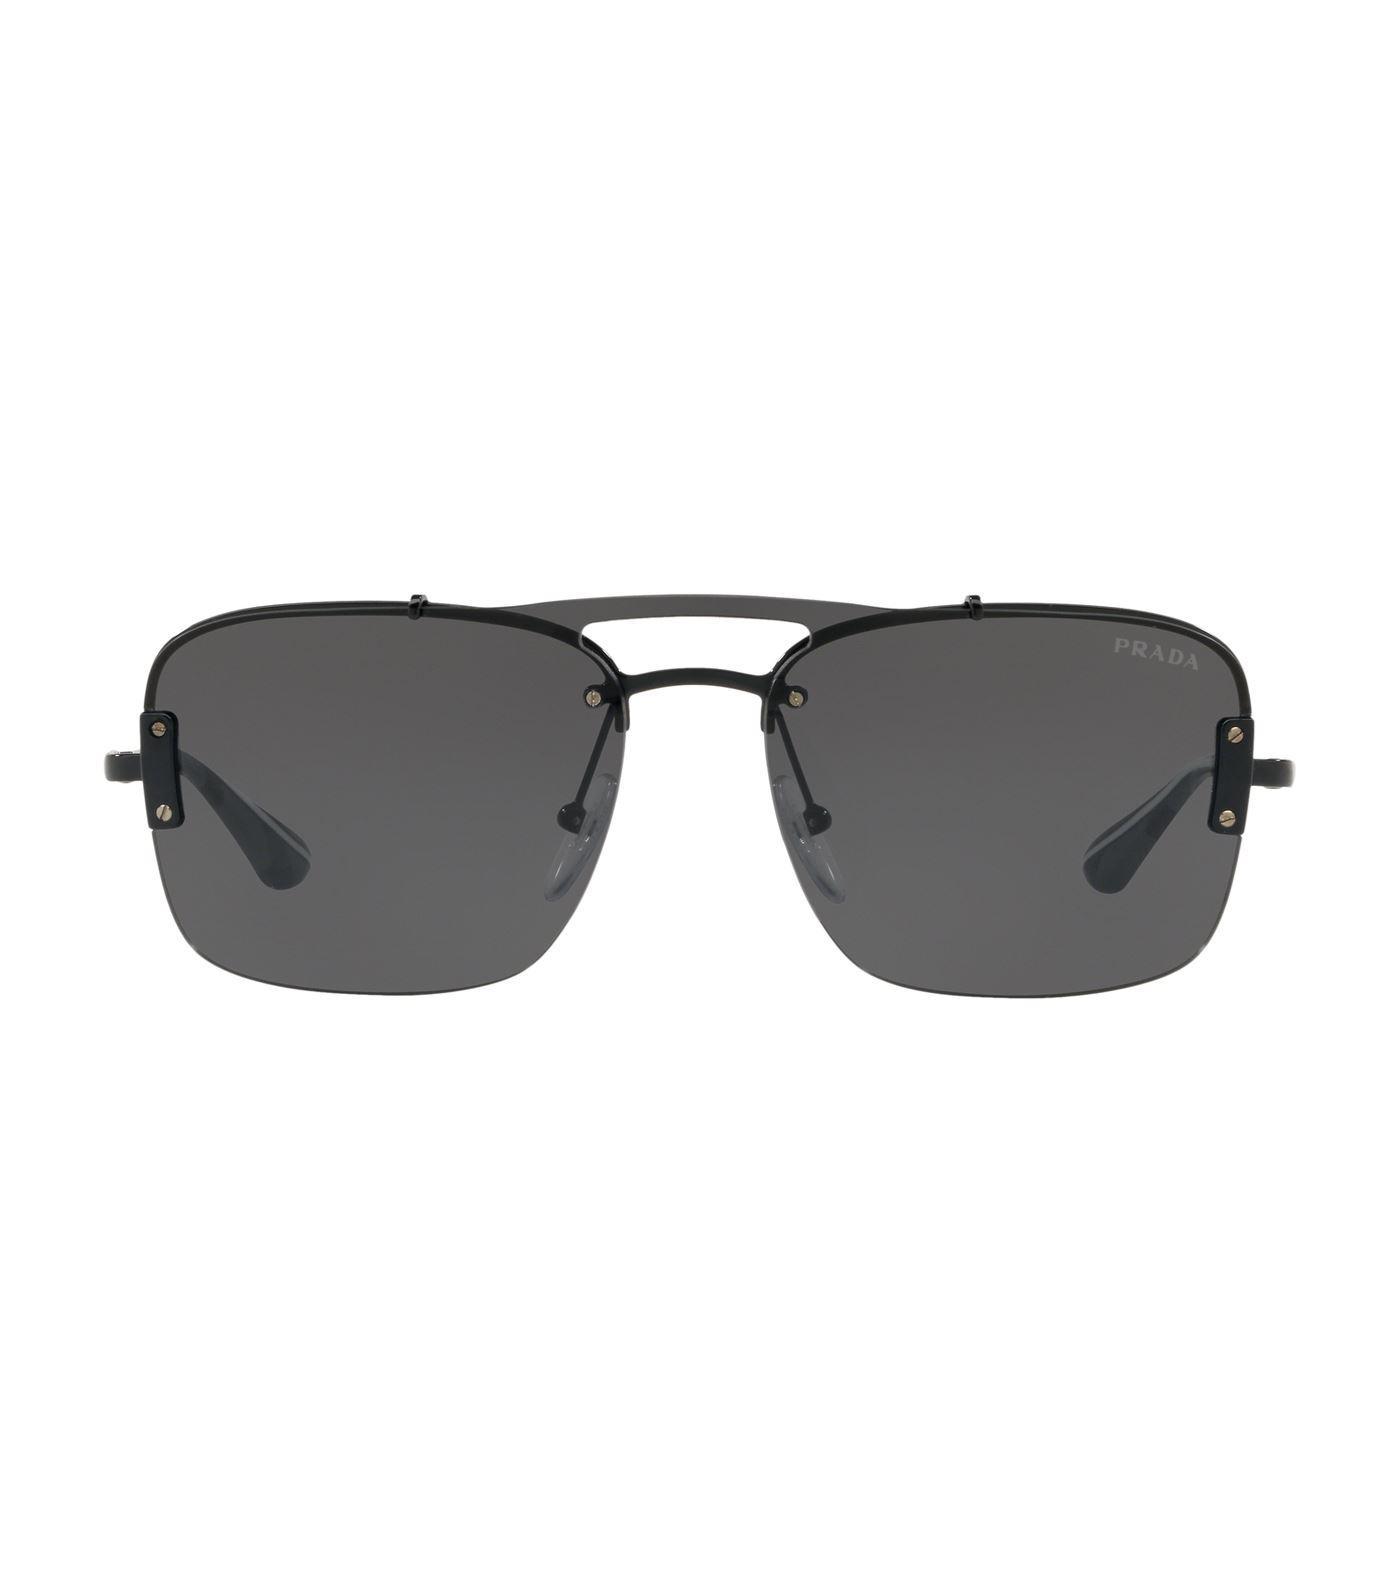 2dc1c1824d81 Prada - Black Pillow Sunglasses for Men - Lyst. View fullscreen